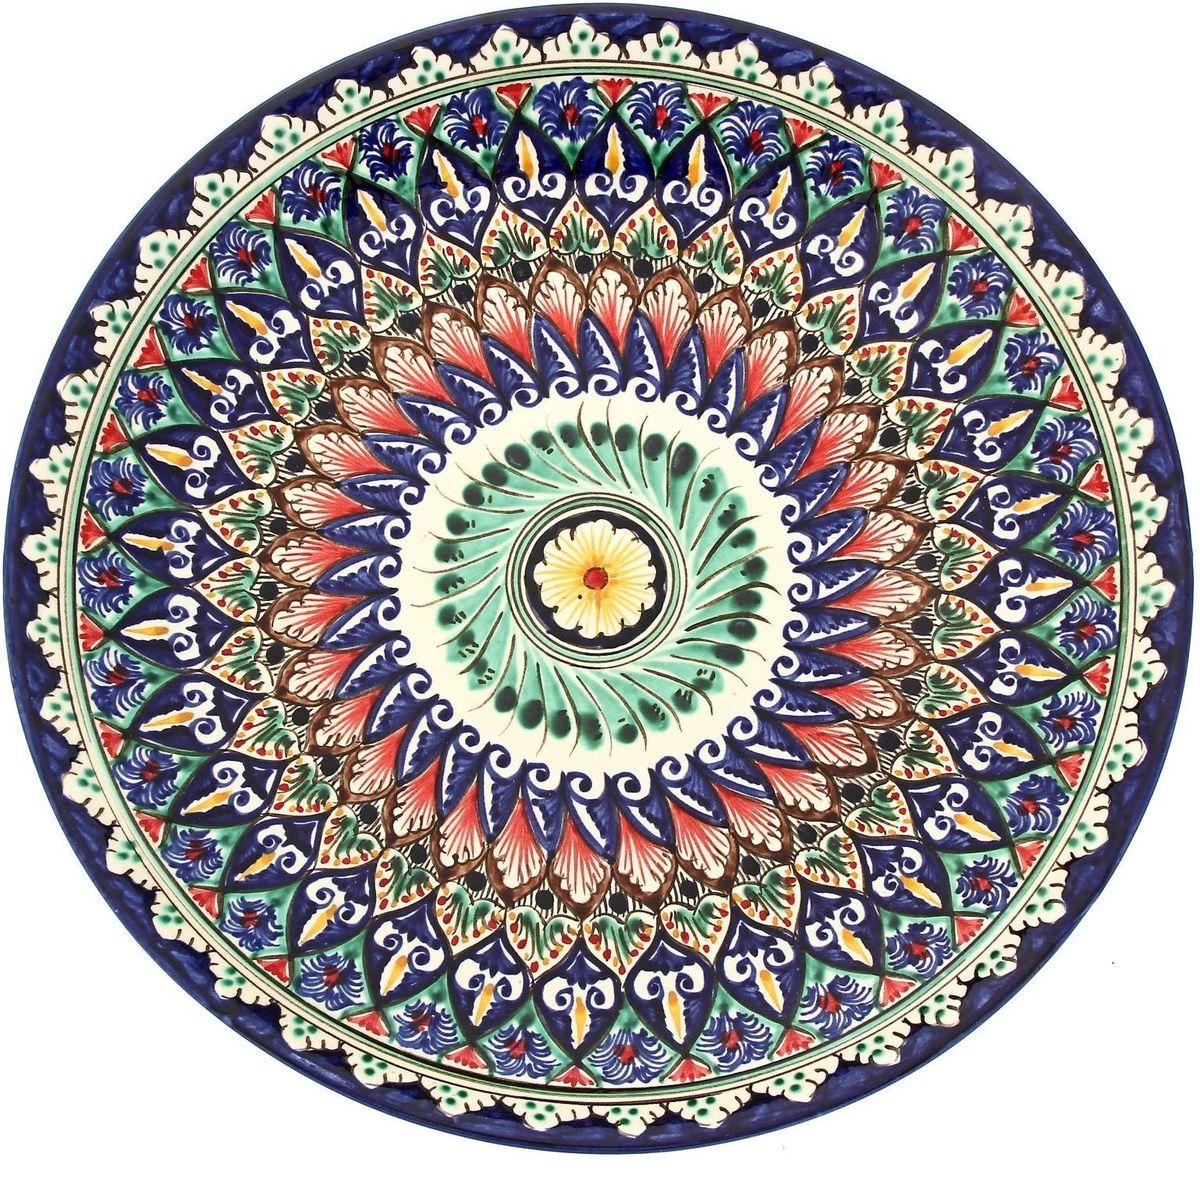 Ляган Риштанская керамика, диаметр 31 см. 19234651923465Ляган — это не просто обеденный атрибут, это украшение стола. Посуда с национальной росписью станет отменным подарком для ценителей высокородной посуды.Риштан — город на востоке Узбекистана, один из древнейших в Ферганской долине. С давних времён Риштан славится своим гончарным искусством изготовления цветной керамики. Красноватую глину для изделия добывают в самом городе. Мастера утверждают, что их глина настолько высокого качества, что даже не нуждается в предварительной обработке. Дополните коллекцию кухонных аксессуаров пряными восточными нотами.